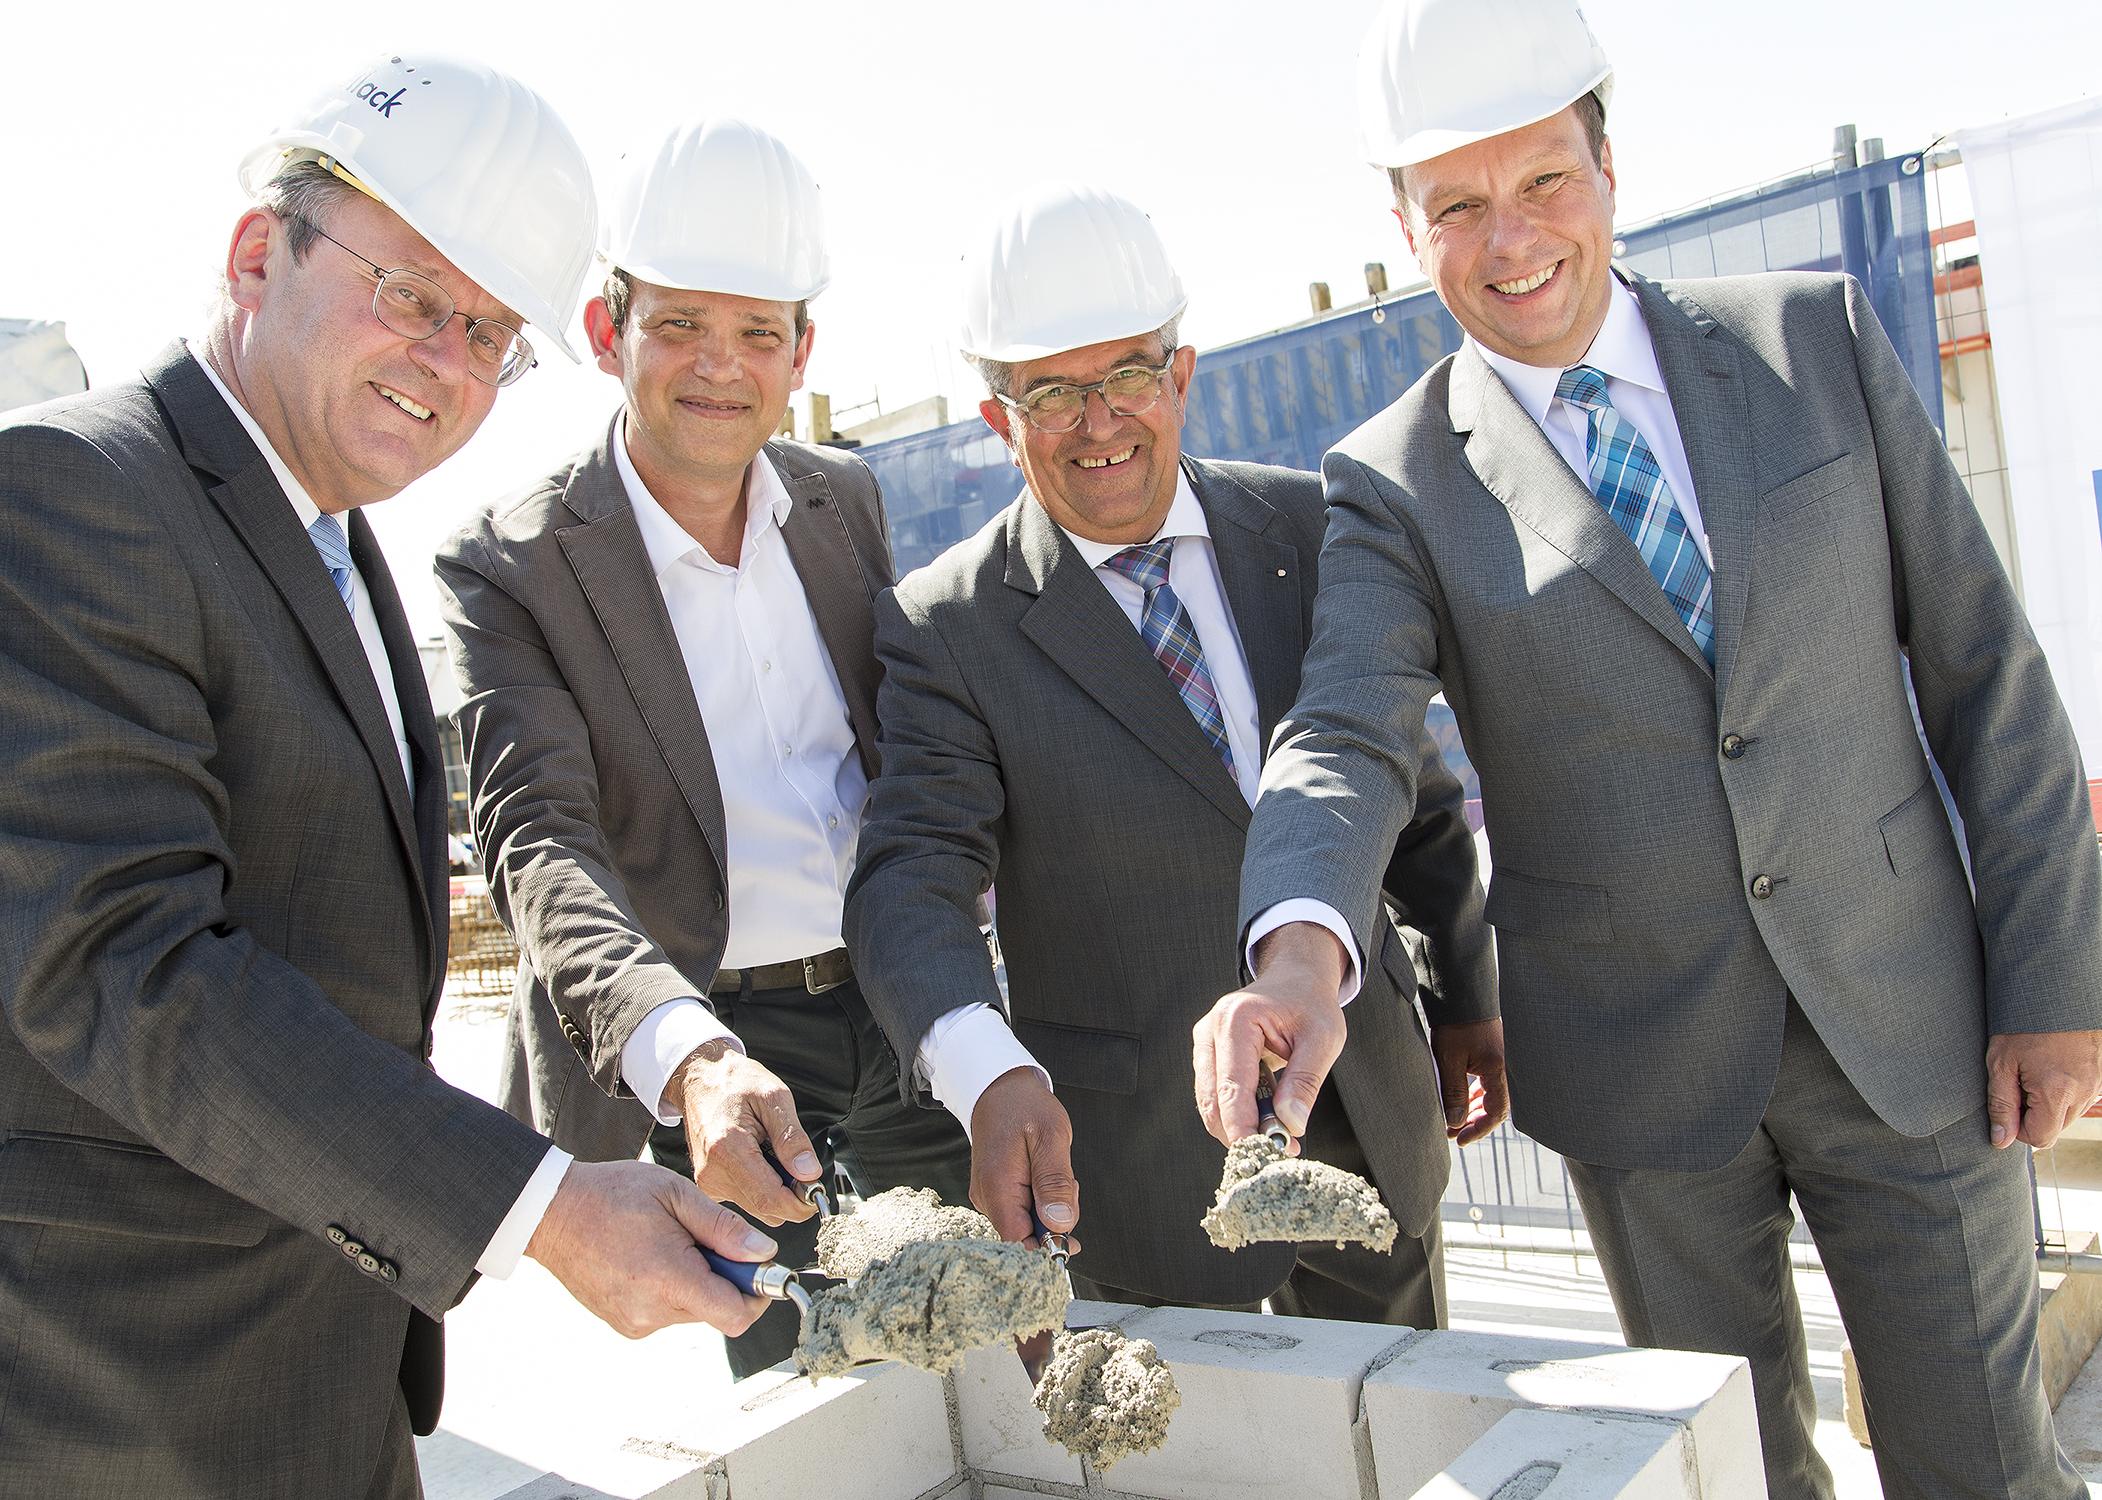 Grundsteinlegung in Grevenbroich (v.l.n.r.): Bertram Graf von Nesselrode, 2. Stellvertretender Bürgermeister von Grevenbroich, Martin Honak, Partner und Prokurist bei Vollack, Bernhard Baer, Projektleiter ACTEGA Rhenania, und Dr. Thomas Sawitowski, Geschäftsführer ACTEGA Rhenania GmbH.